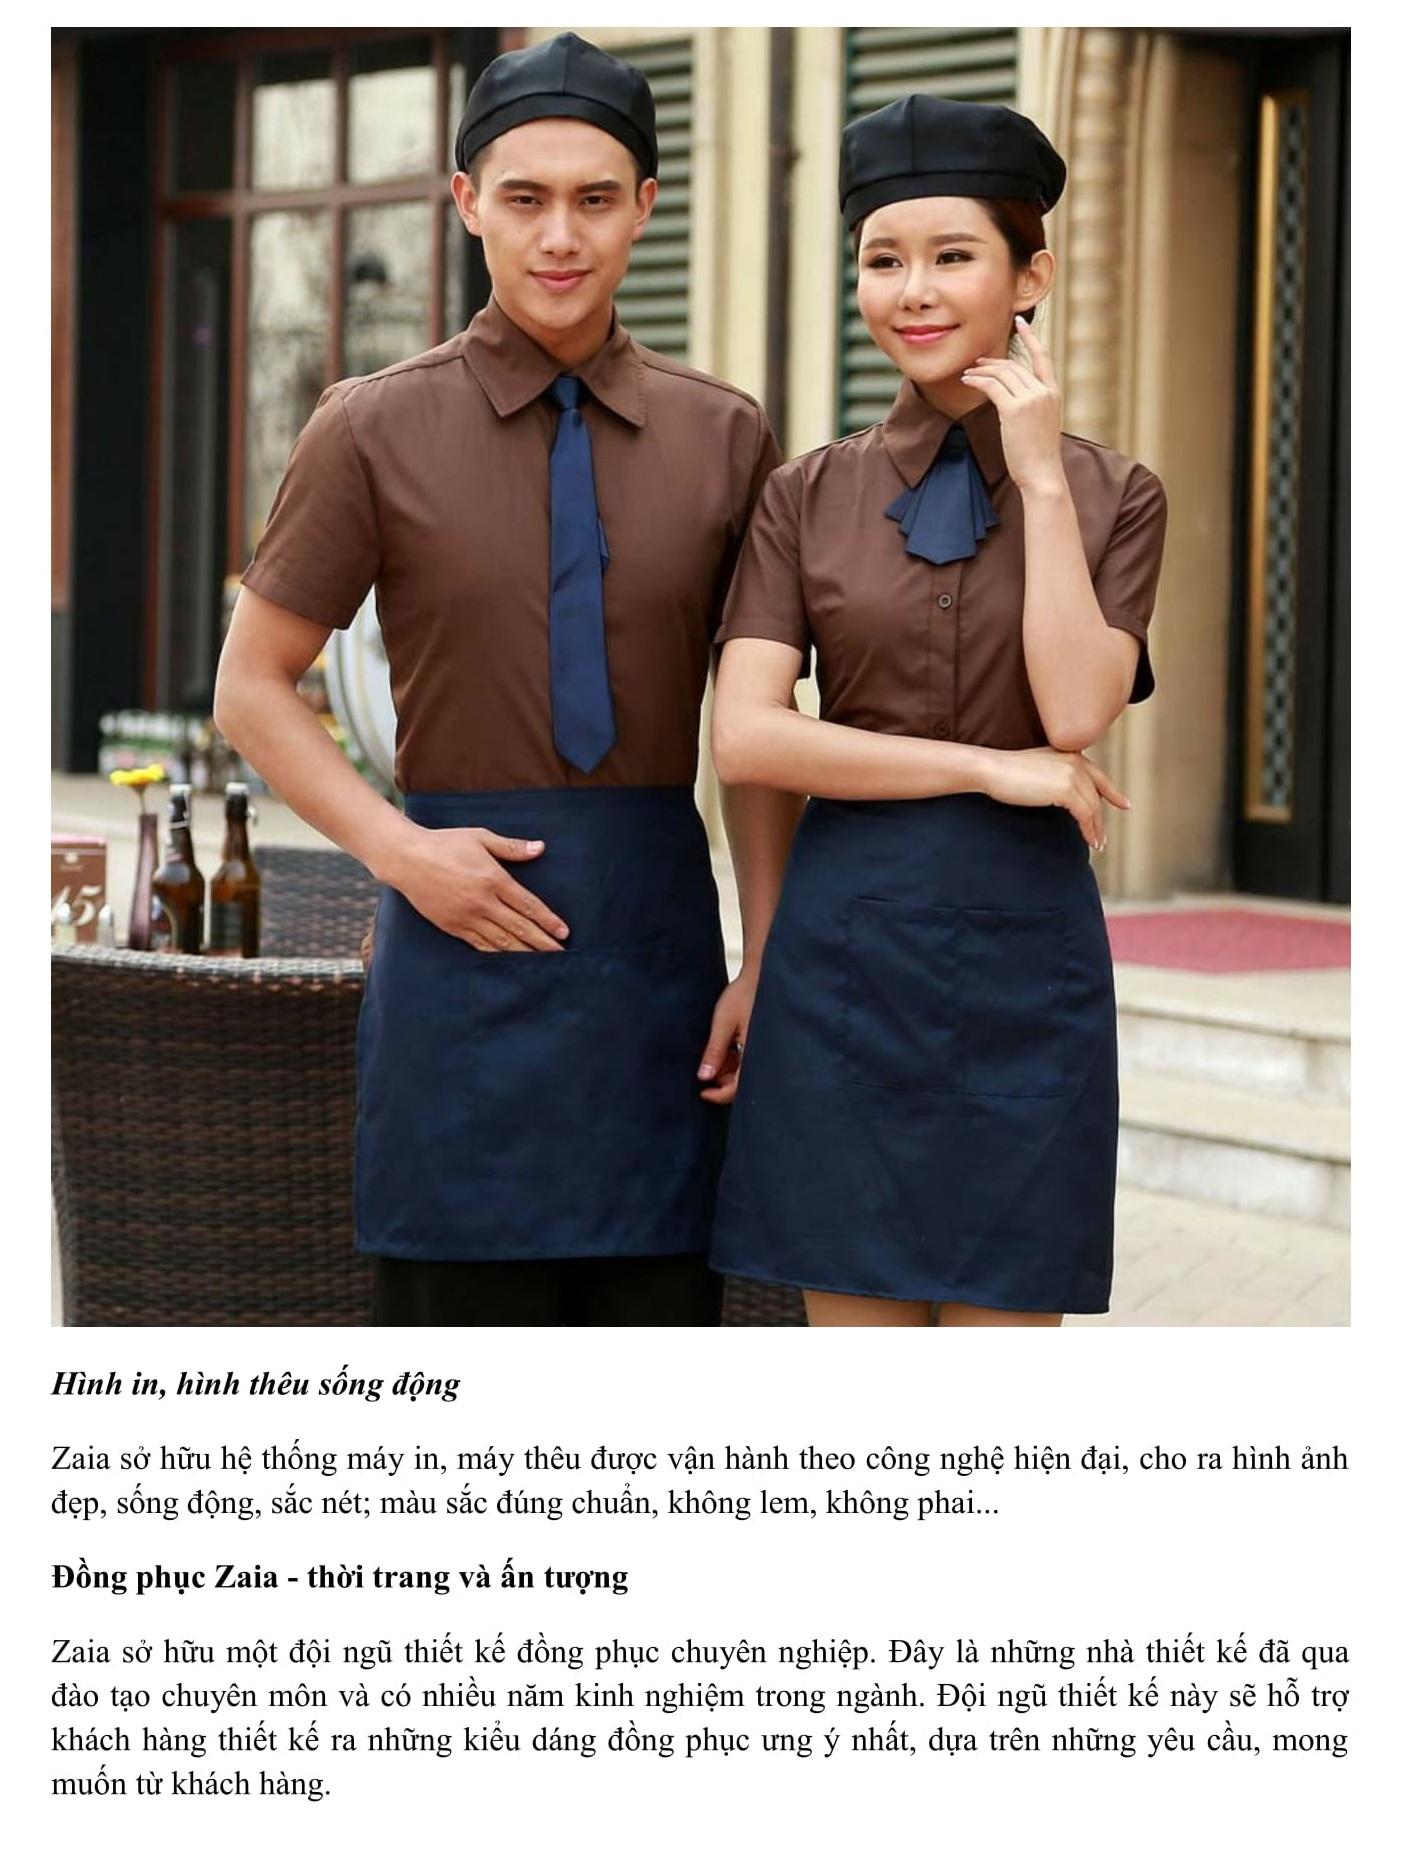 Mẫu bài viết chuẩn seo ngành thời trang: may đồng phục